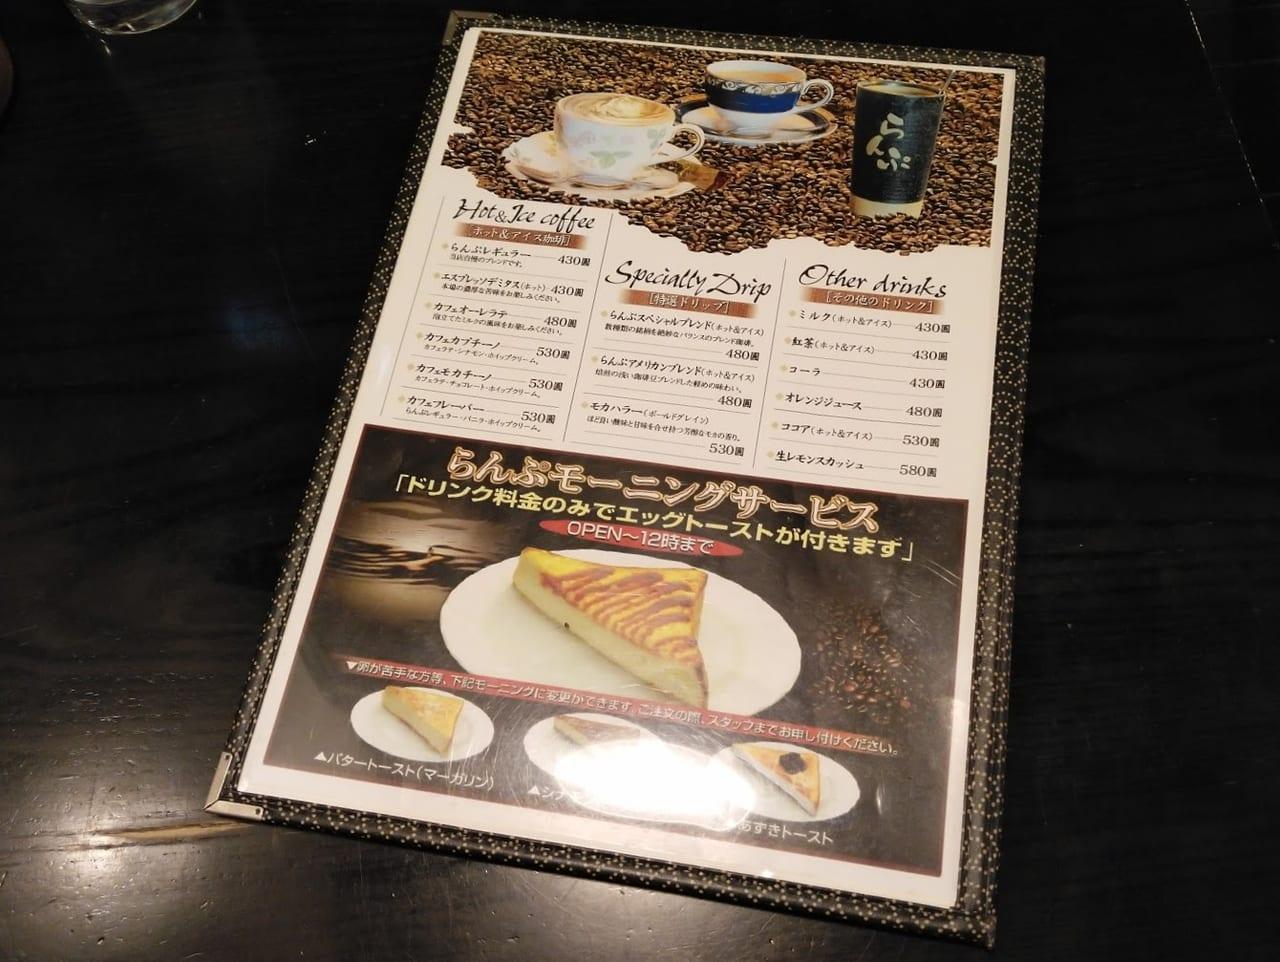 珈琲屋らんぷのモーニングサービスはトースト付き